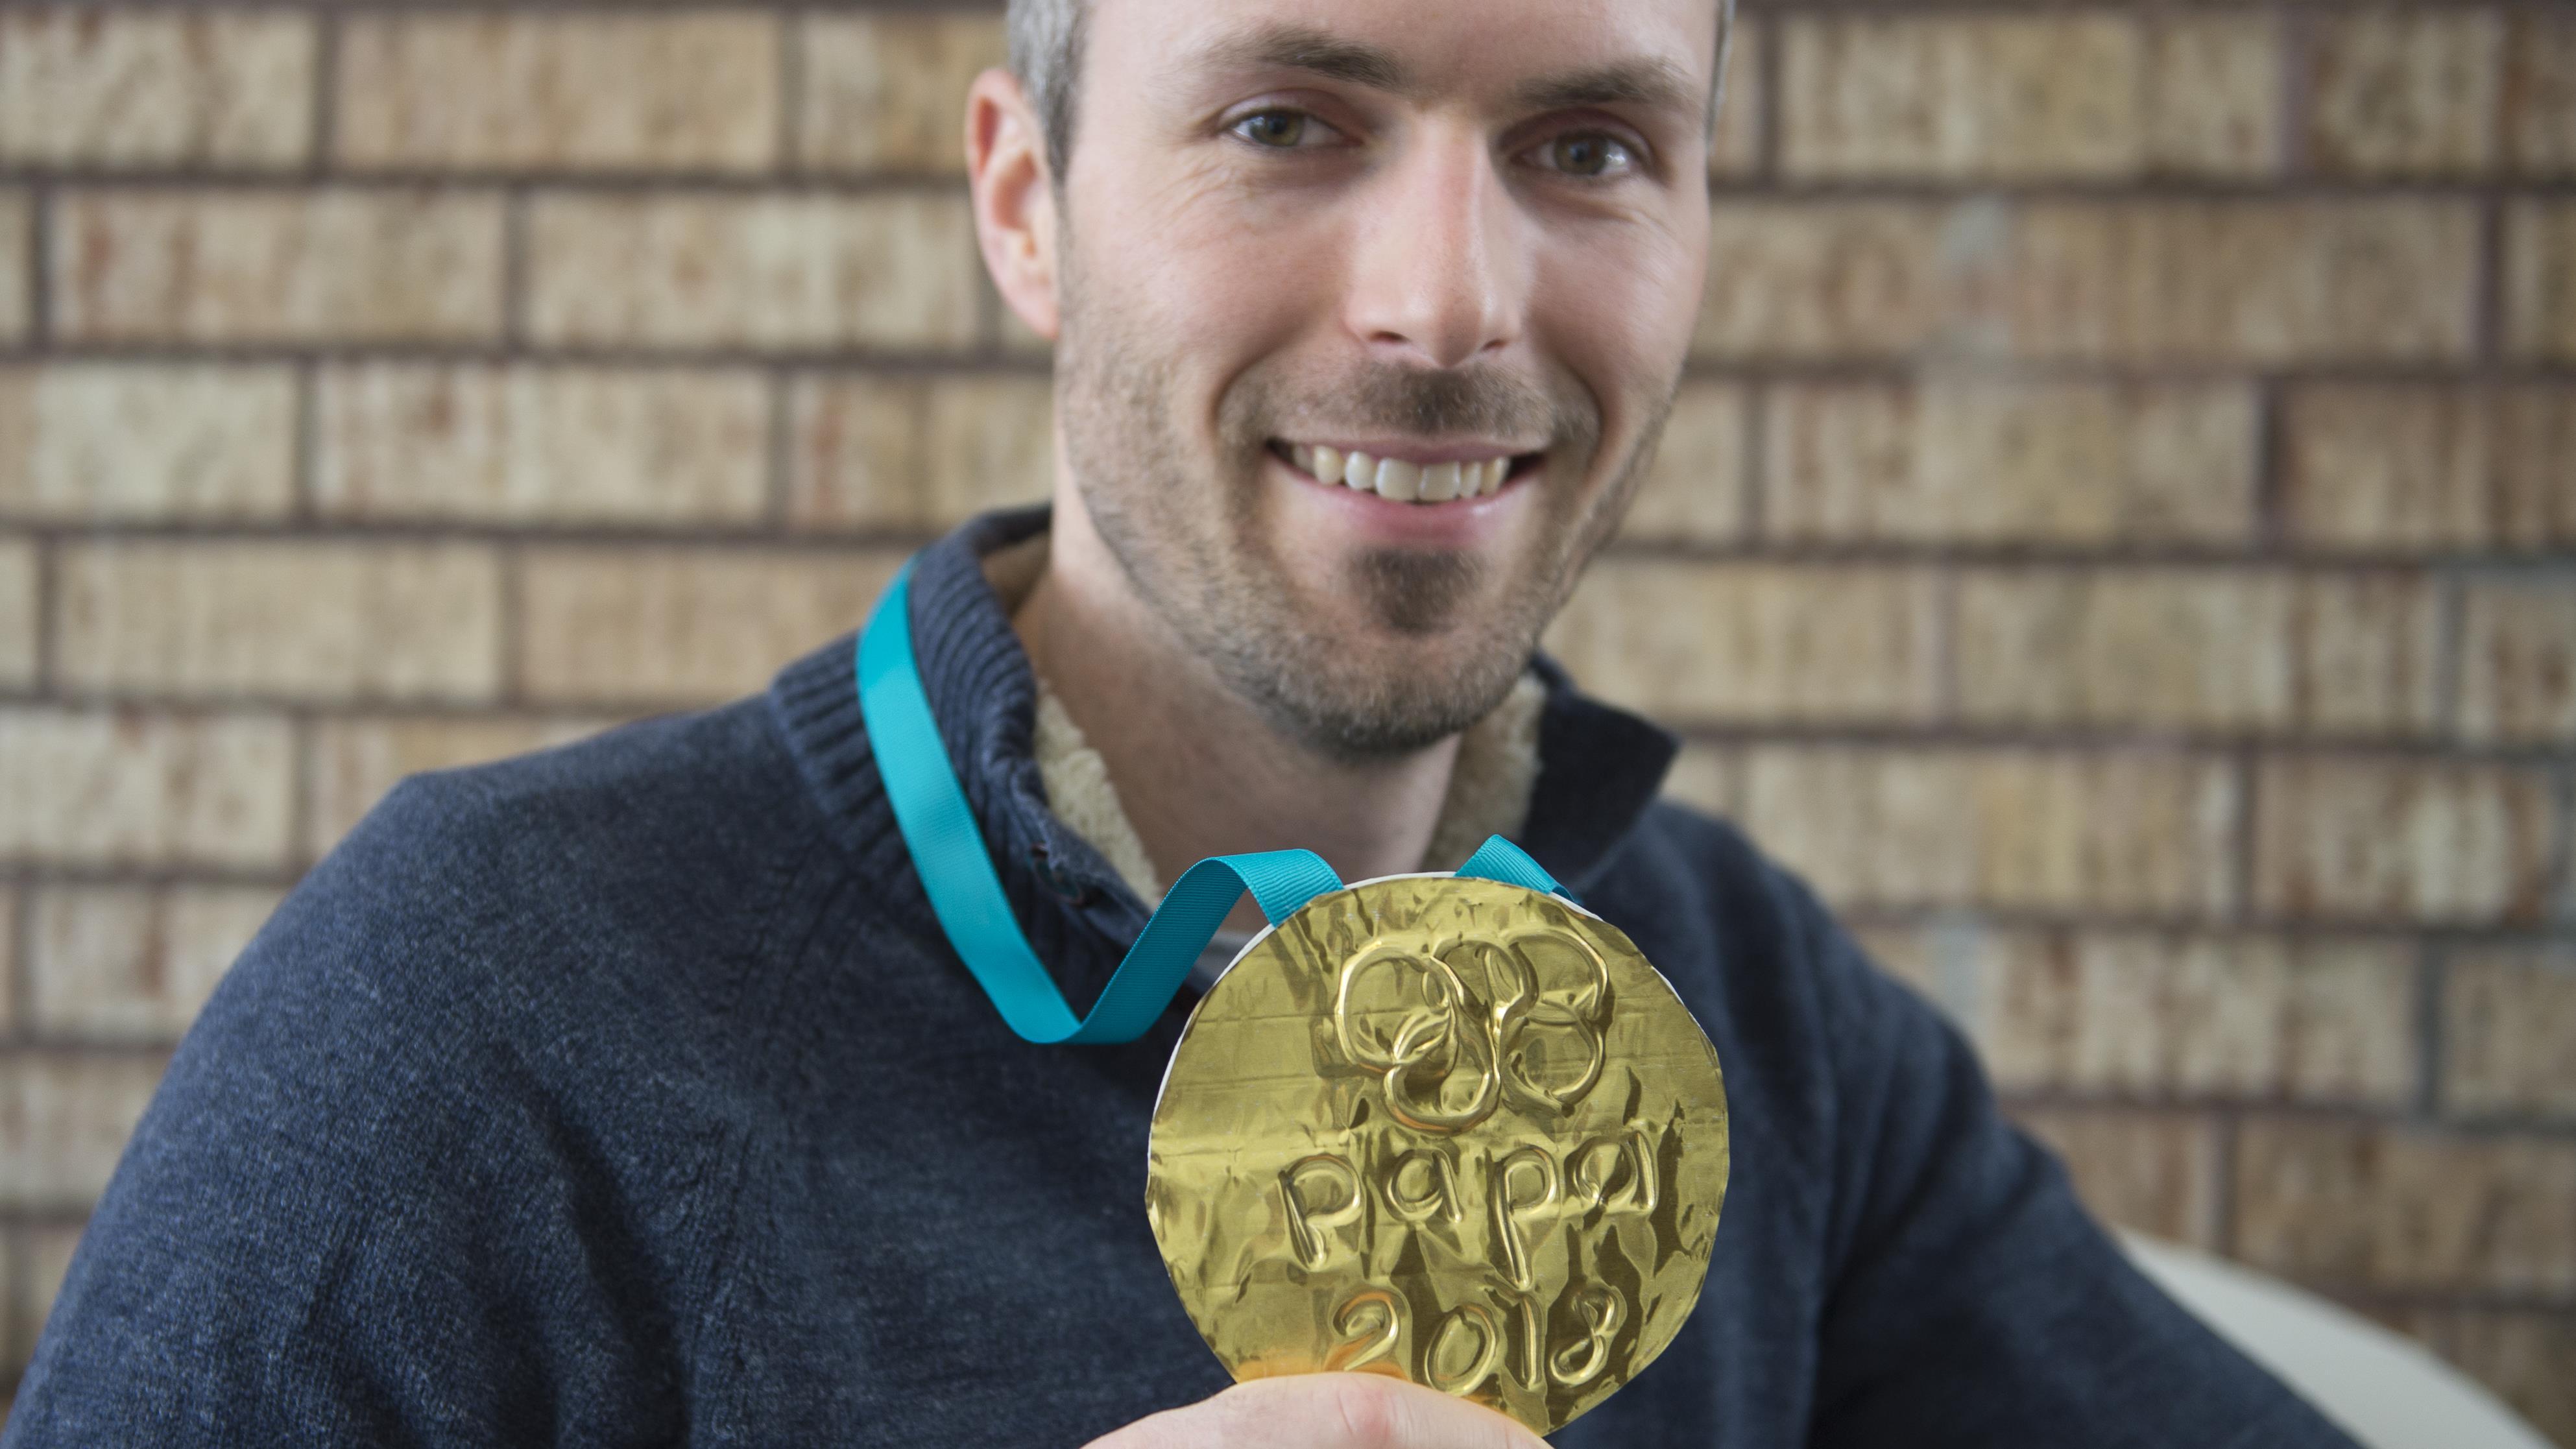 Jean-François Ménard et la médaille d'or que ses enfants lui ont bricolée au retour des Jeux olympiques de Pyeongchang